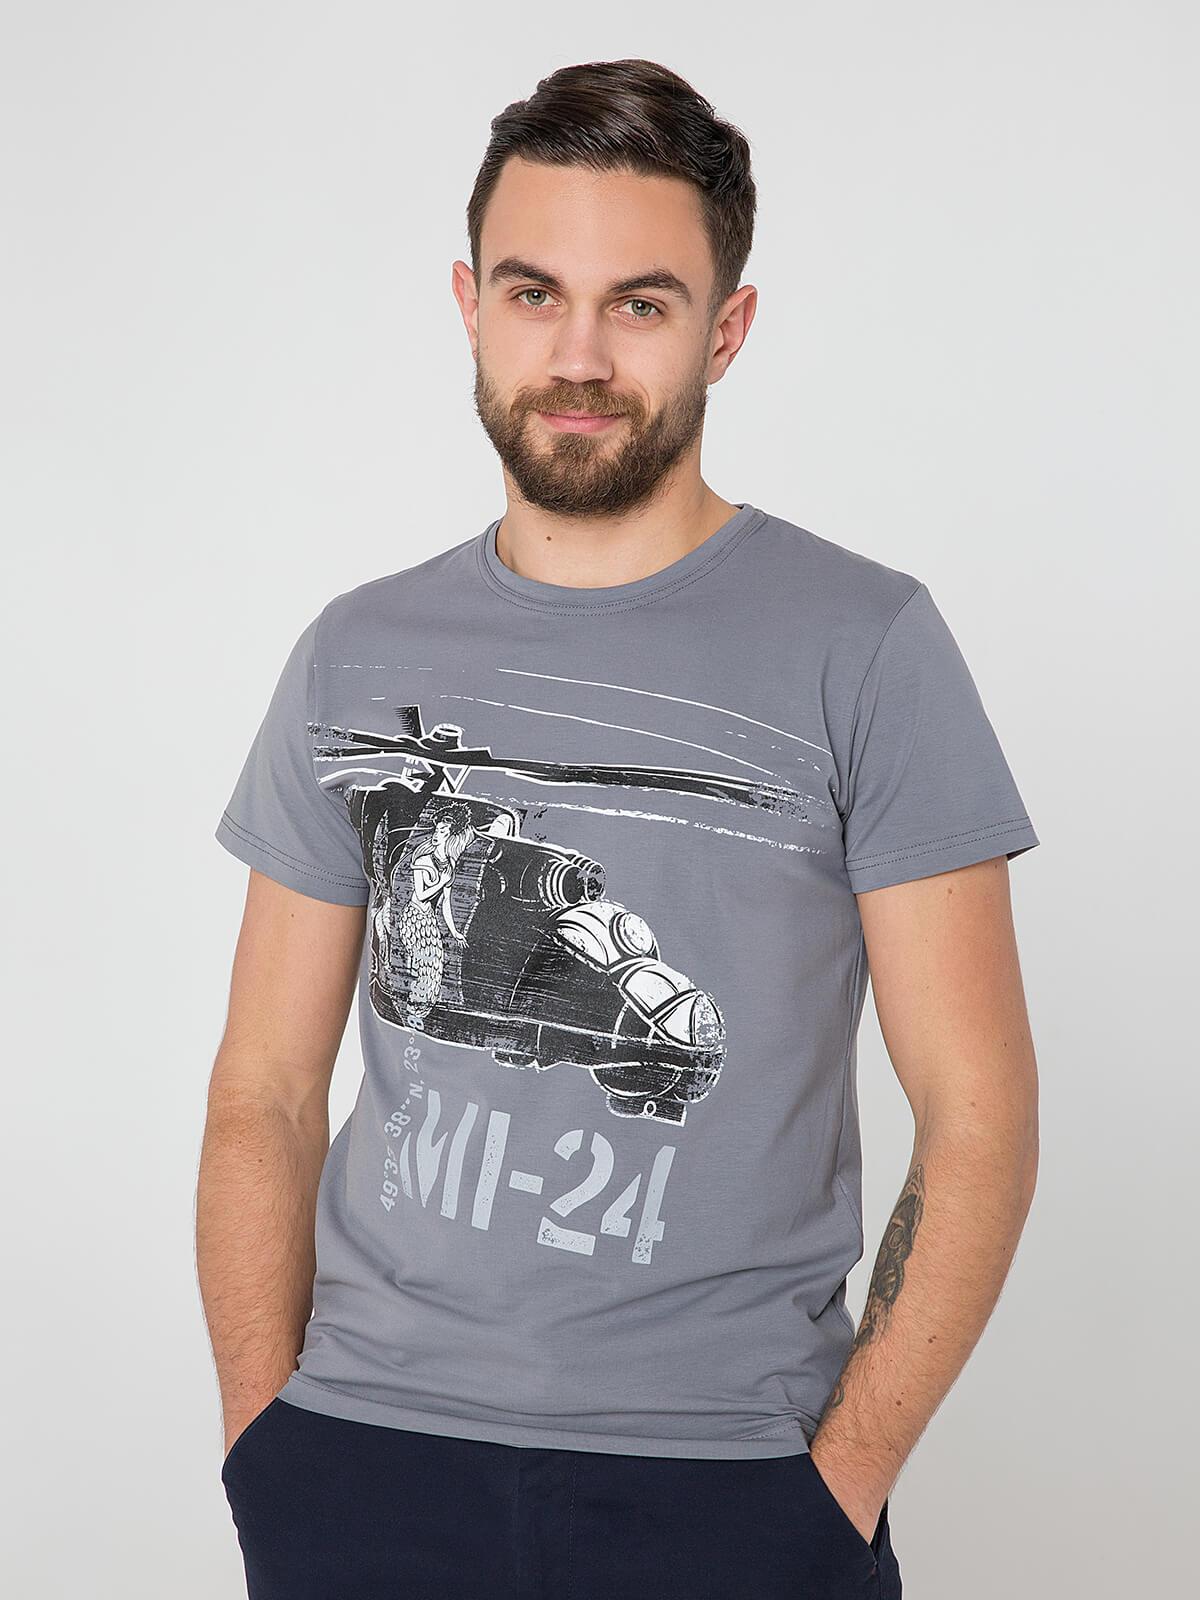 Men's T-Shirt Мі-24. Color gray. Material: 95% cotton, 5% spandex.